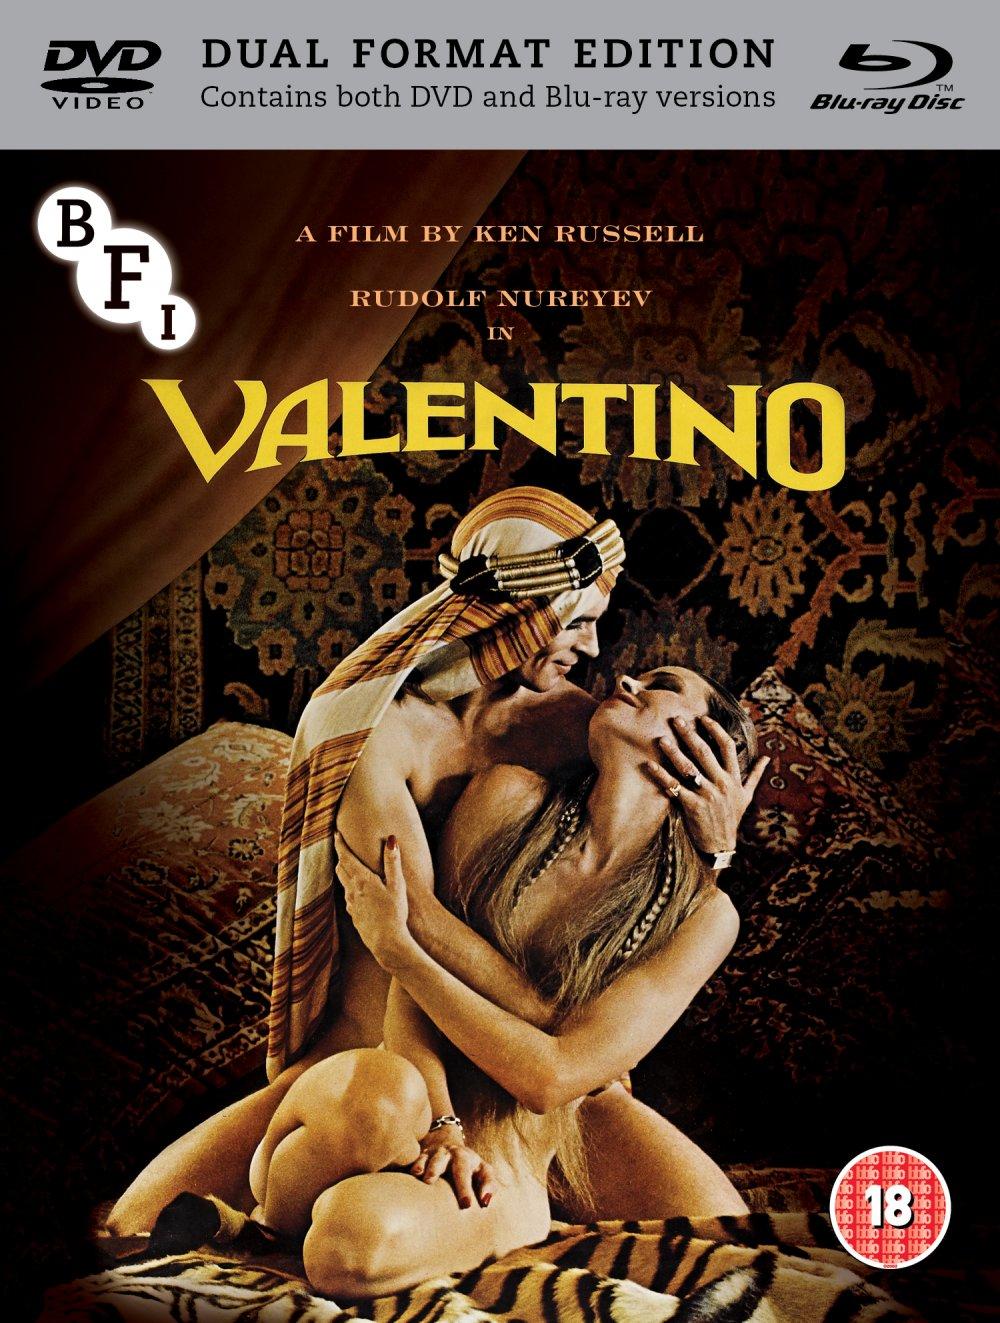 Valentino Blu-ray packshot